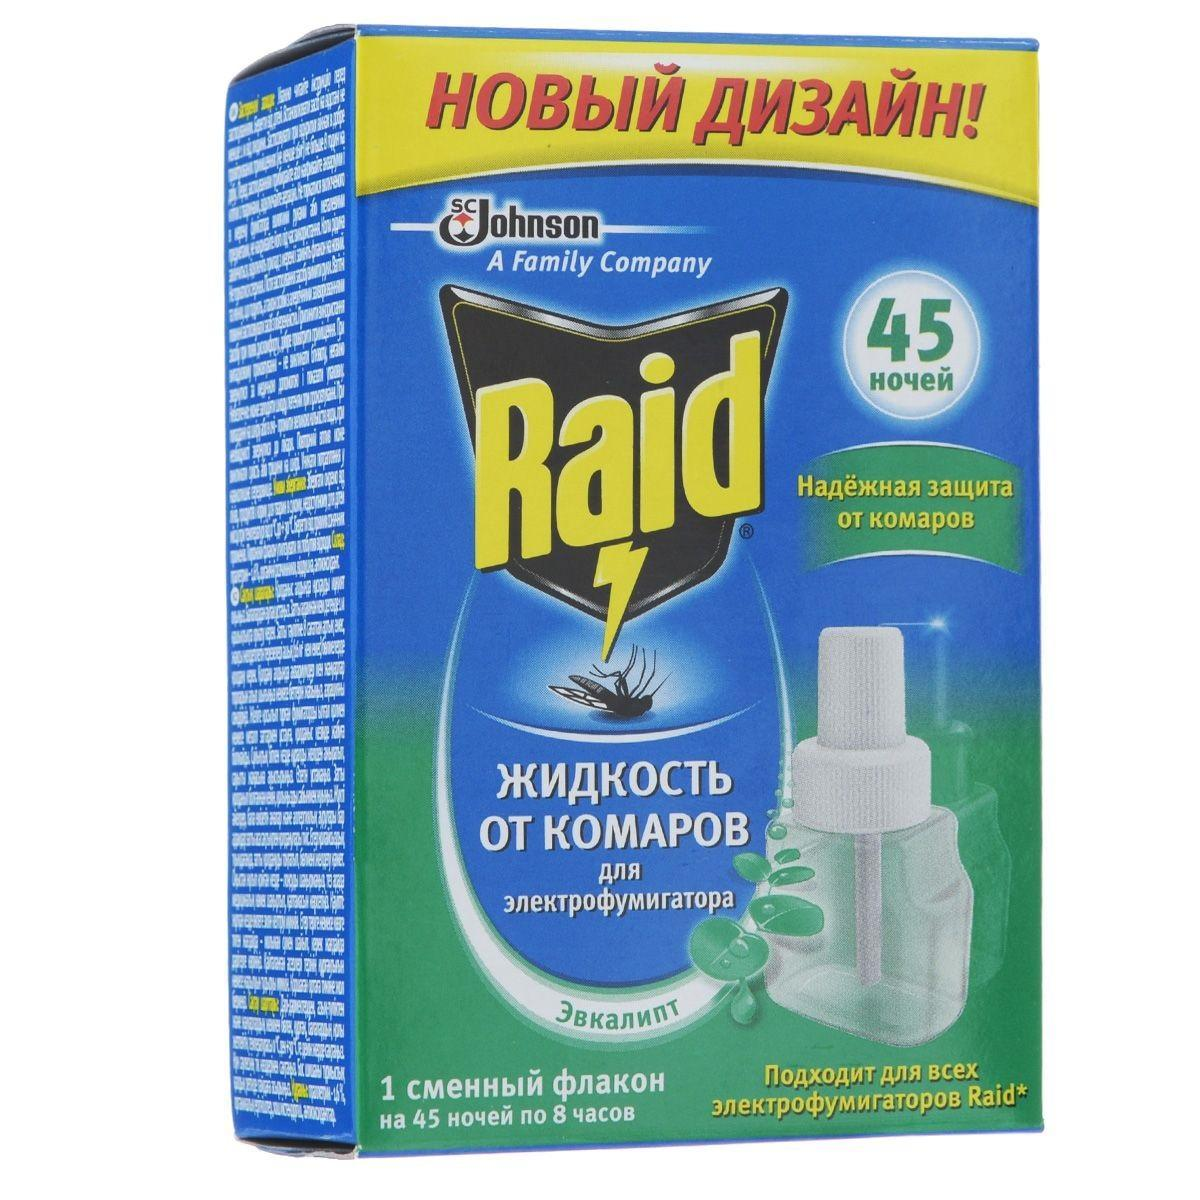 Жидкость для фумигатора Raid Эвкалипт, на 45 ночей643806Жидкость для фумигатора Raid Эвкалипт обеспечивает надежную защиту от комаров на 45 ночей (по 8 часов). Обладает эффективной формулой. Жидкость имеет аромат эвкалипта и содержит натуральное эвкалиптовое масло, являющееся природным репеллентом.